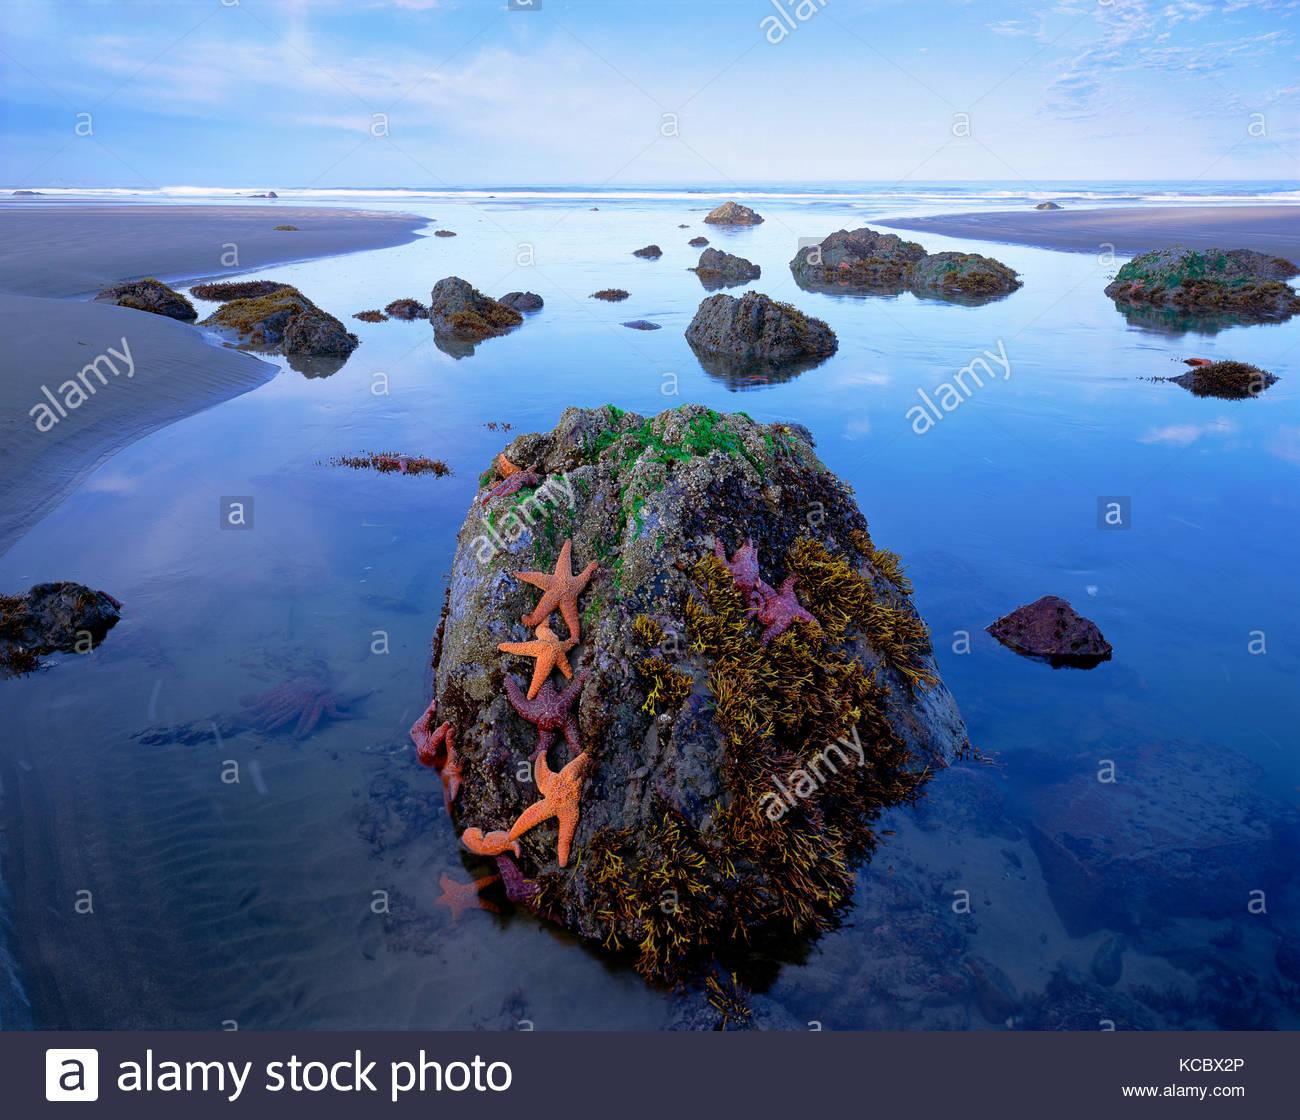 Sea Stars and Rocks at Sunrise, Olympic National Park, Washington - Stock Image